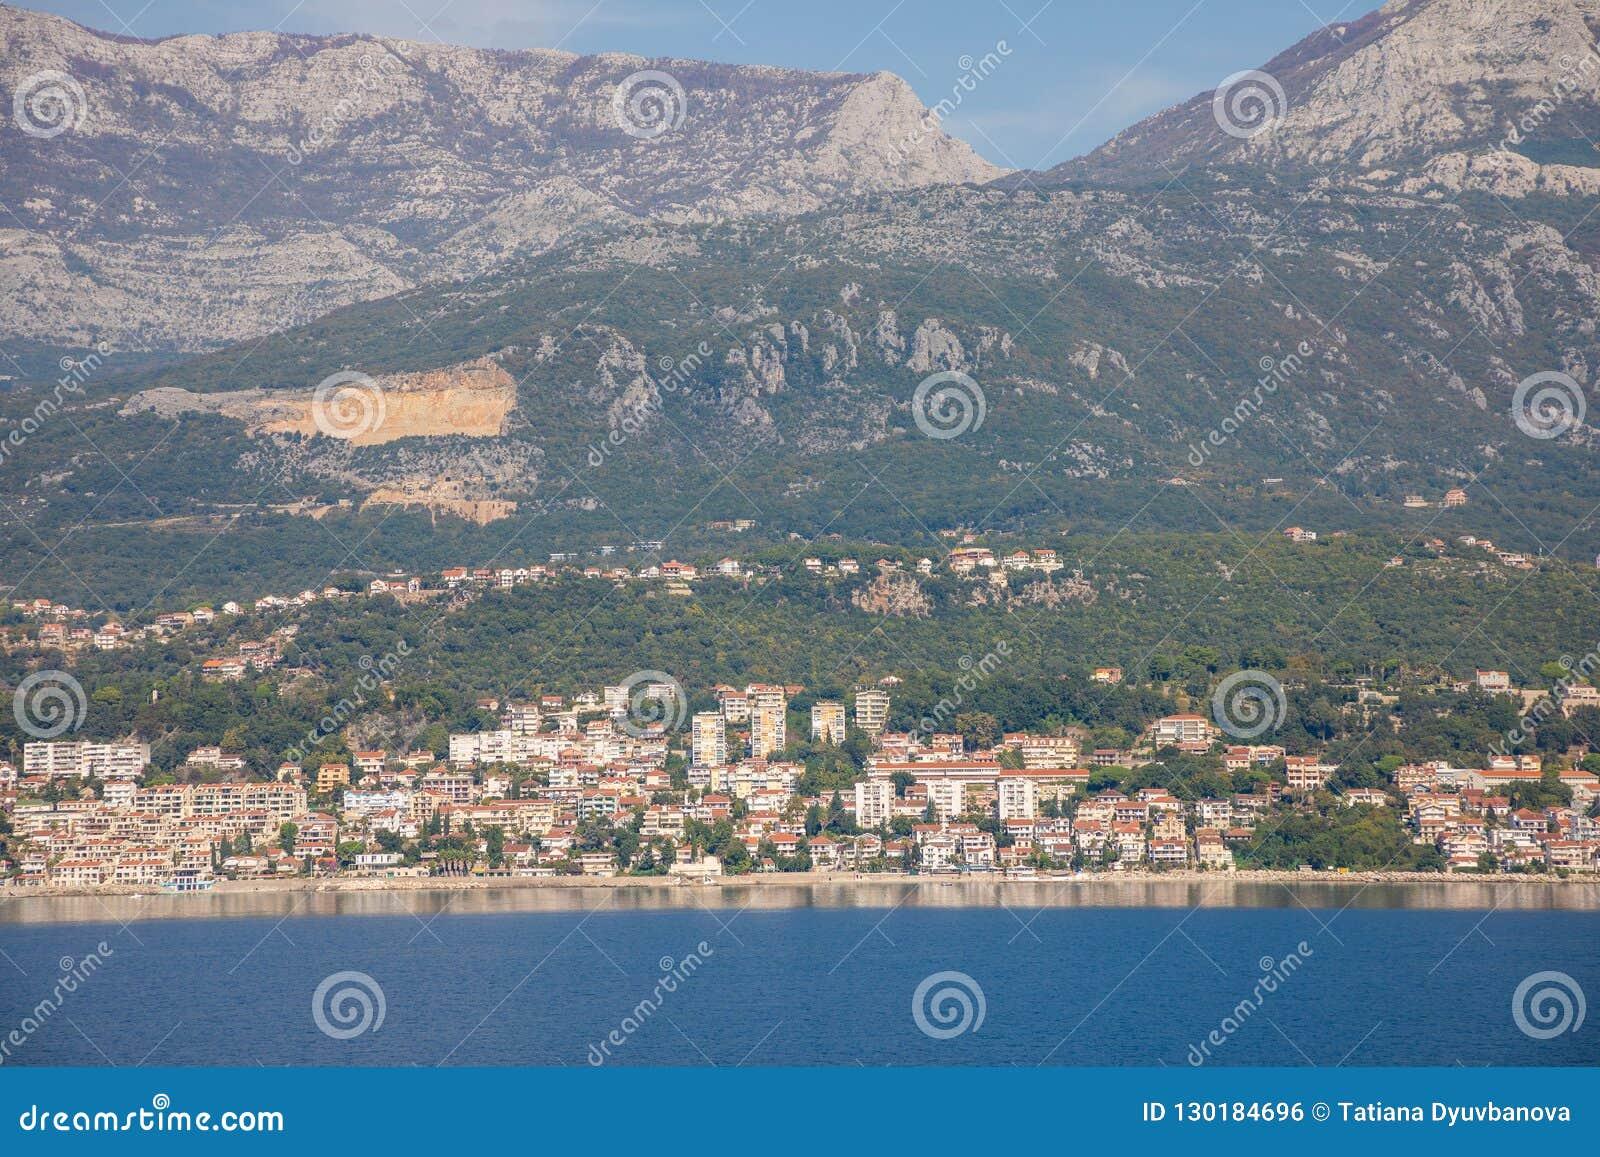 Toneelmening van oude stad, bergen en de kust van water van Kotor-baai, Montenegro